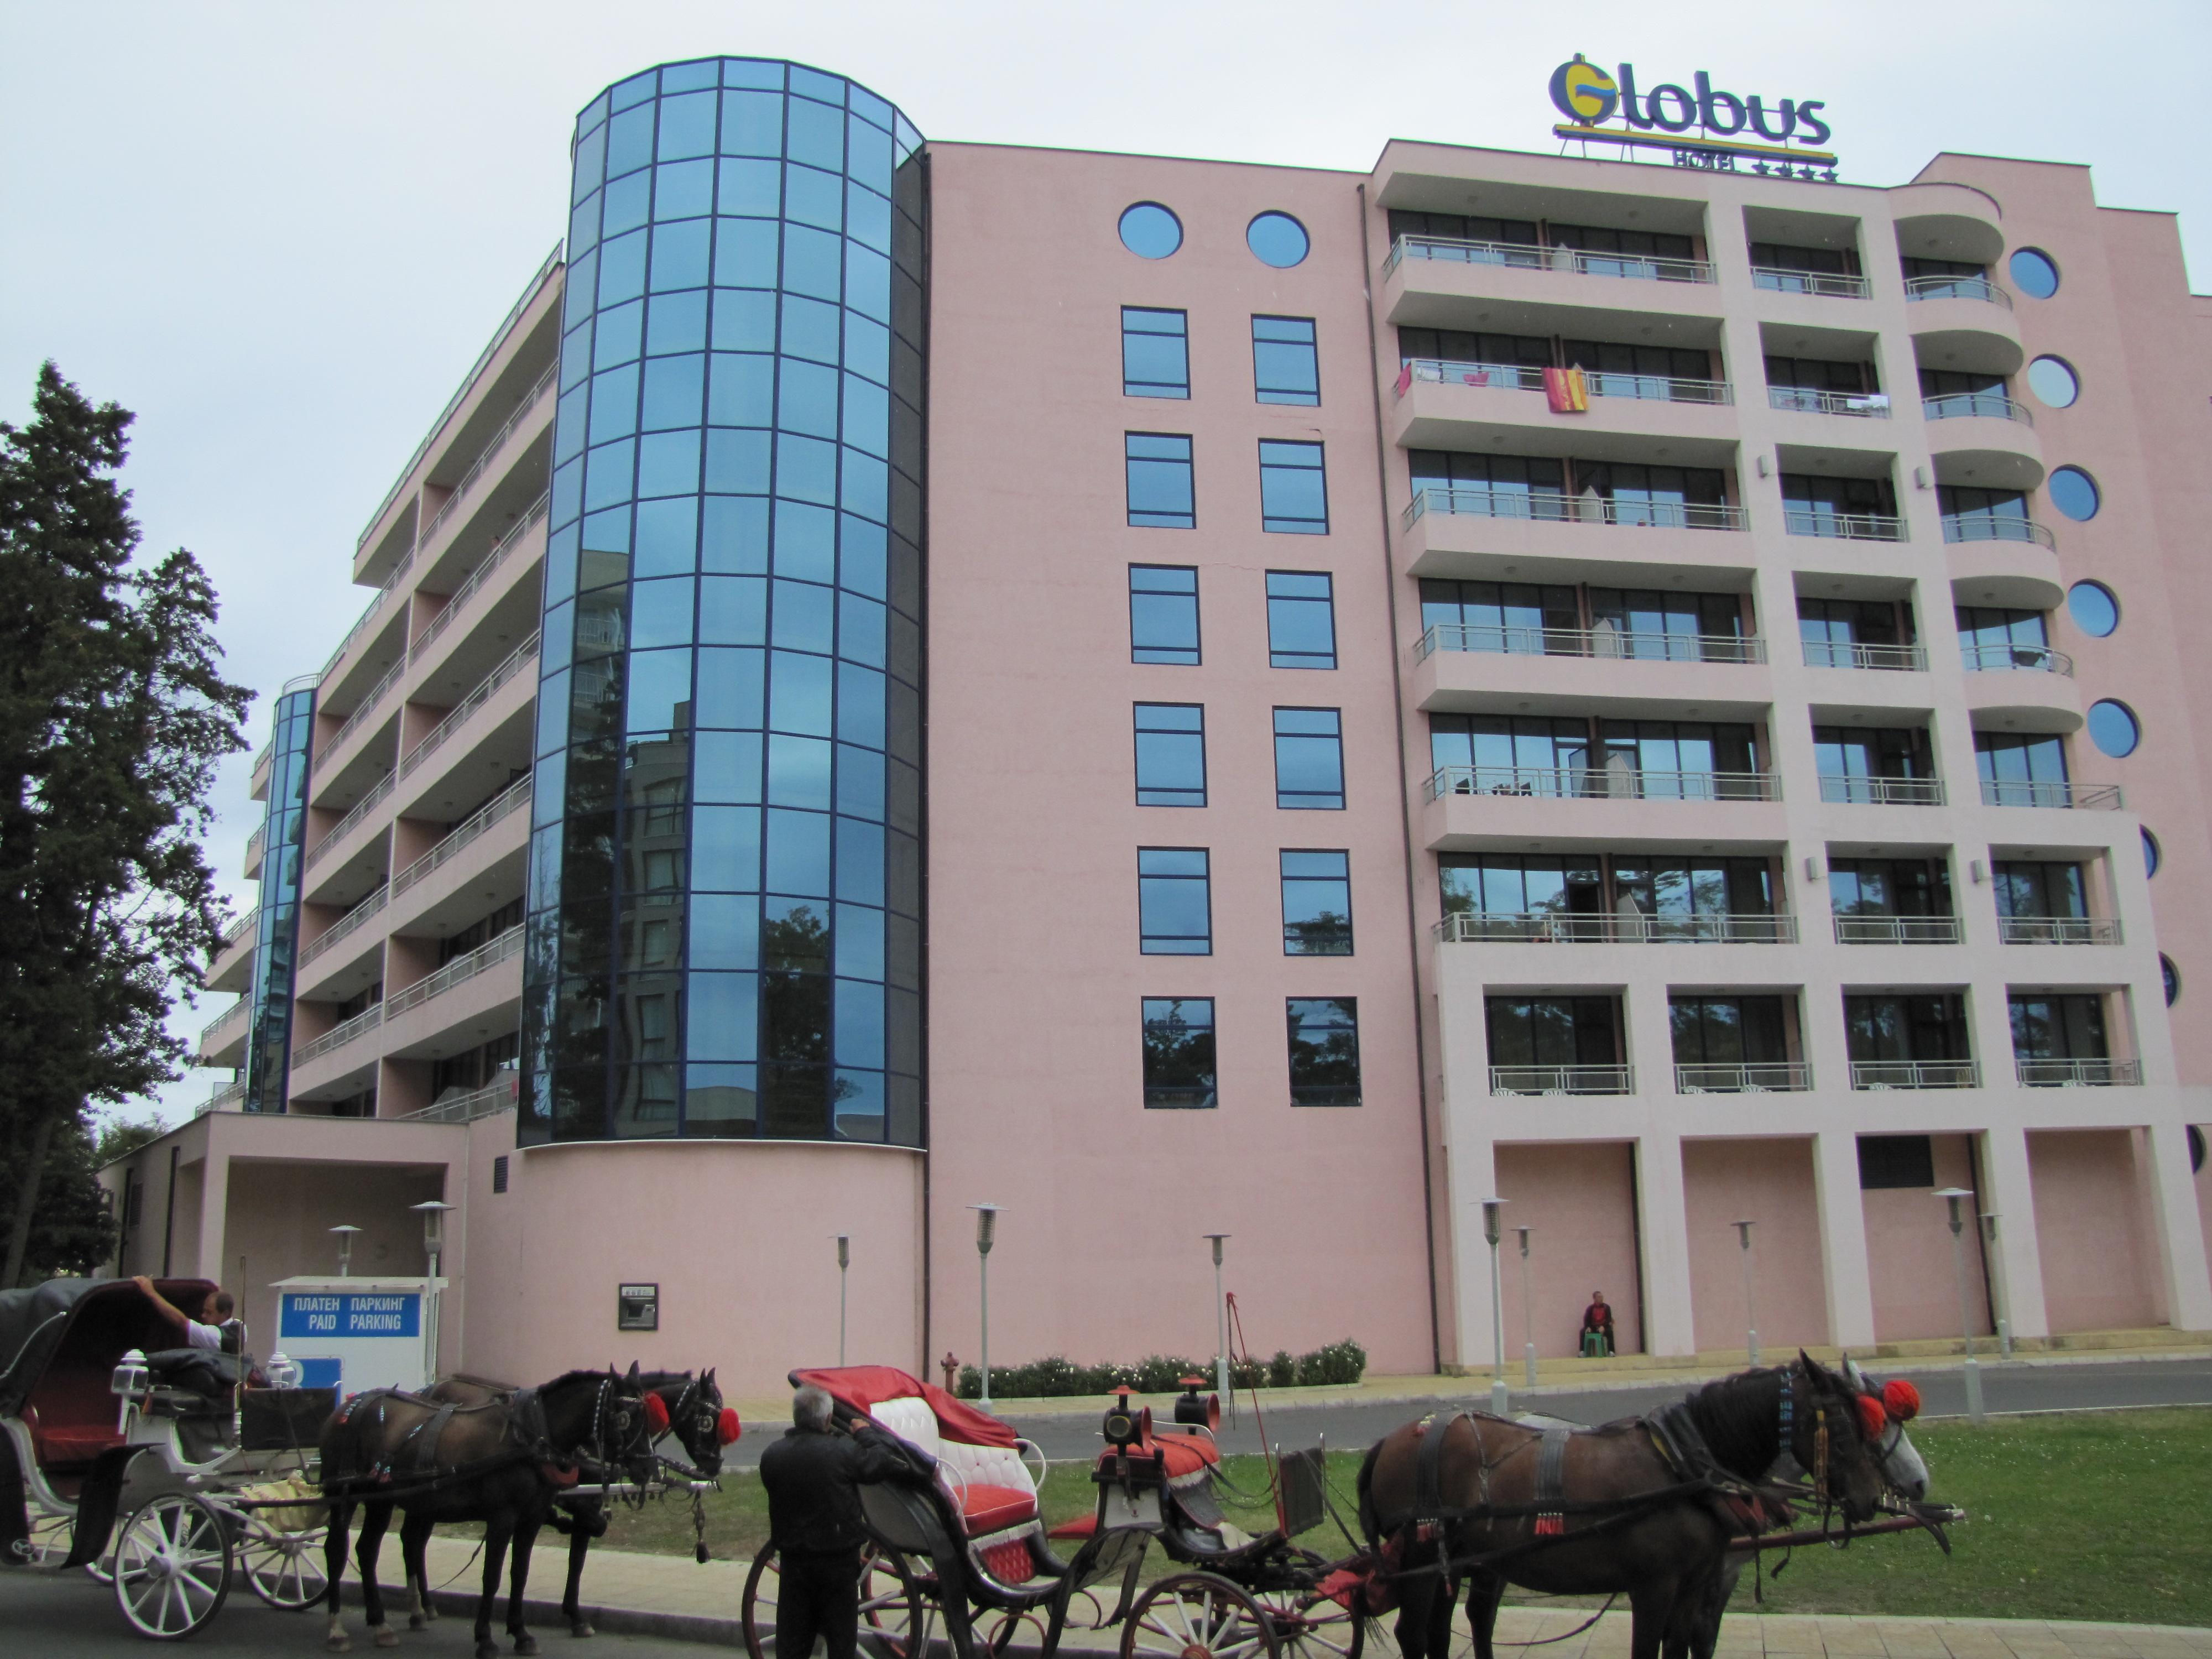 Globus Hotel, Sunny Beach Resort